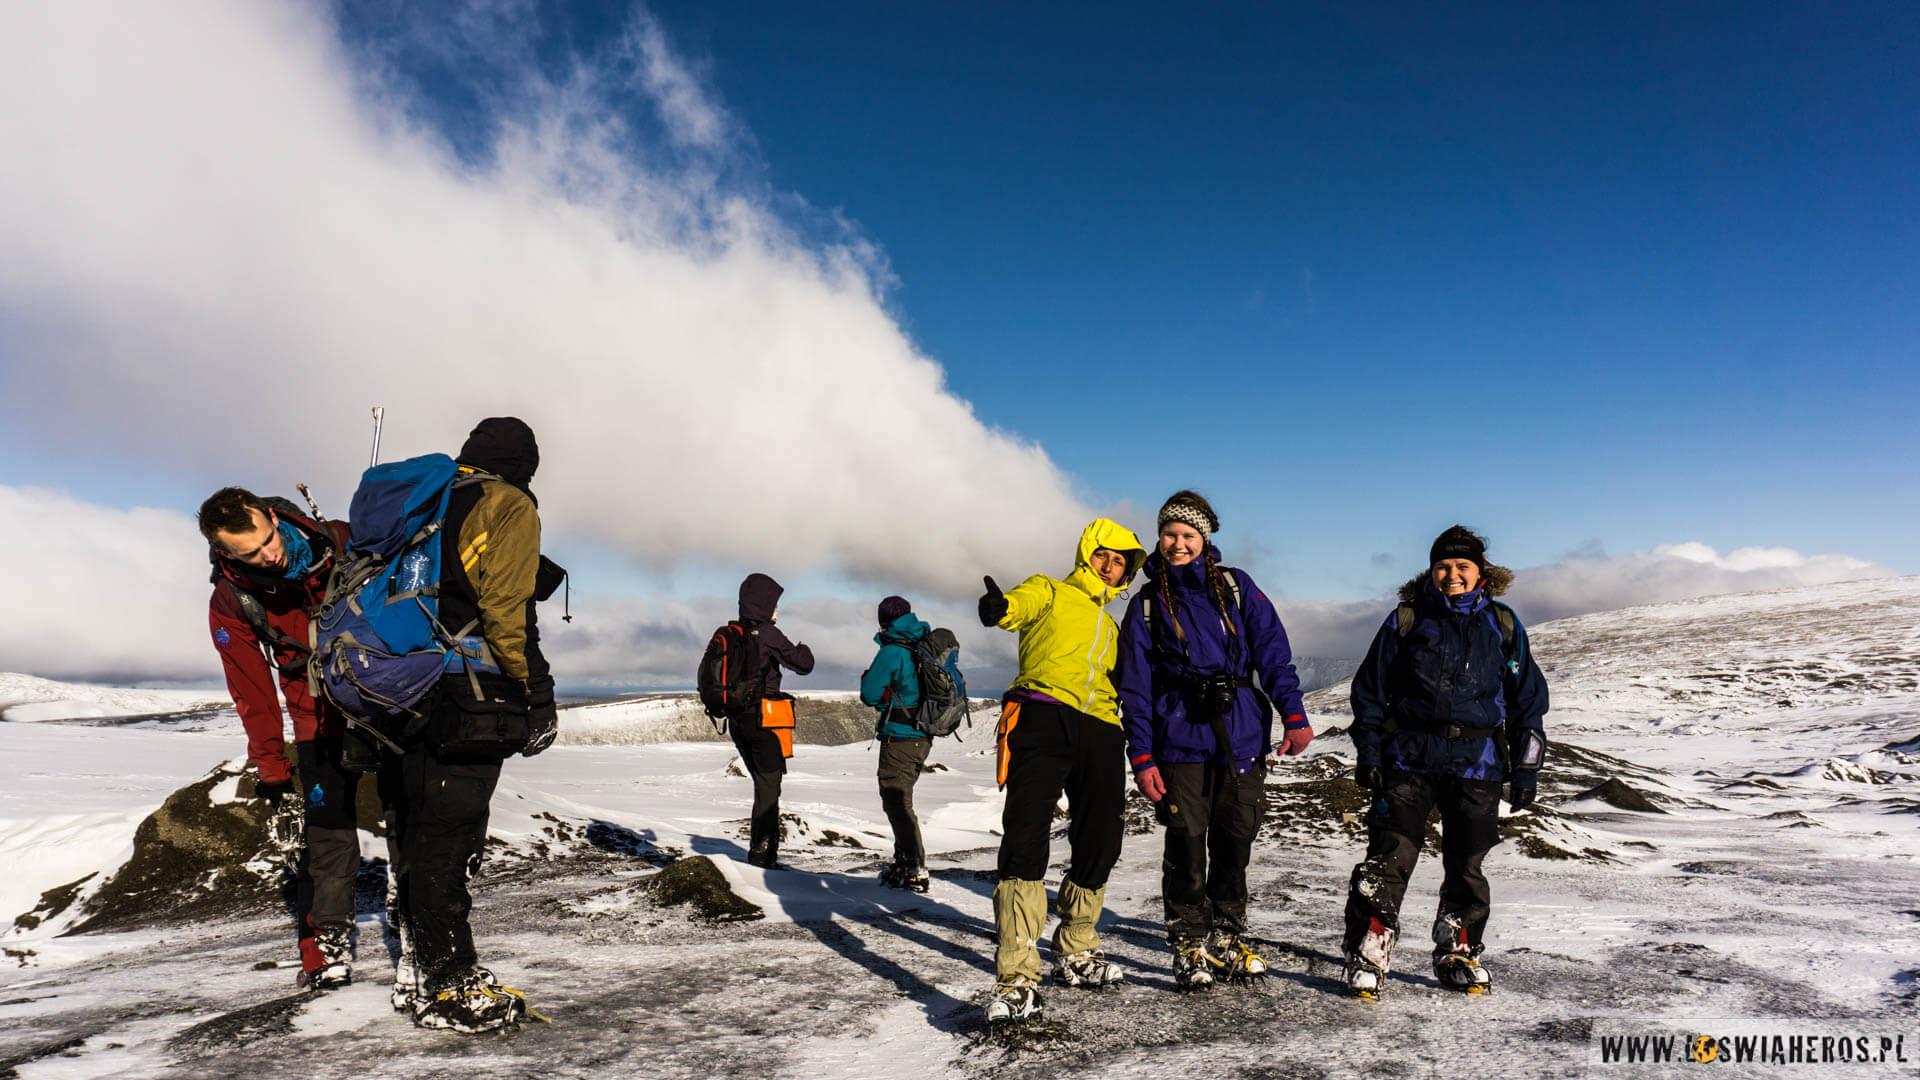 Podczas lodowcowego treku ze studentami z UNISu.